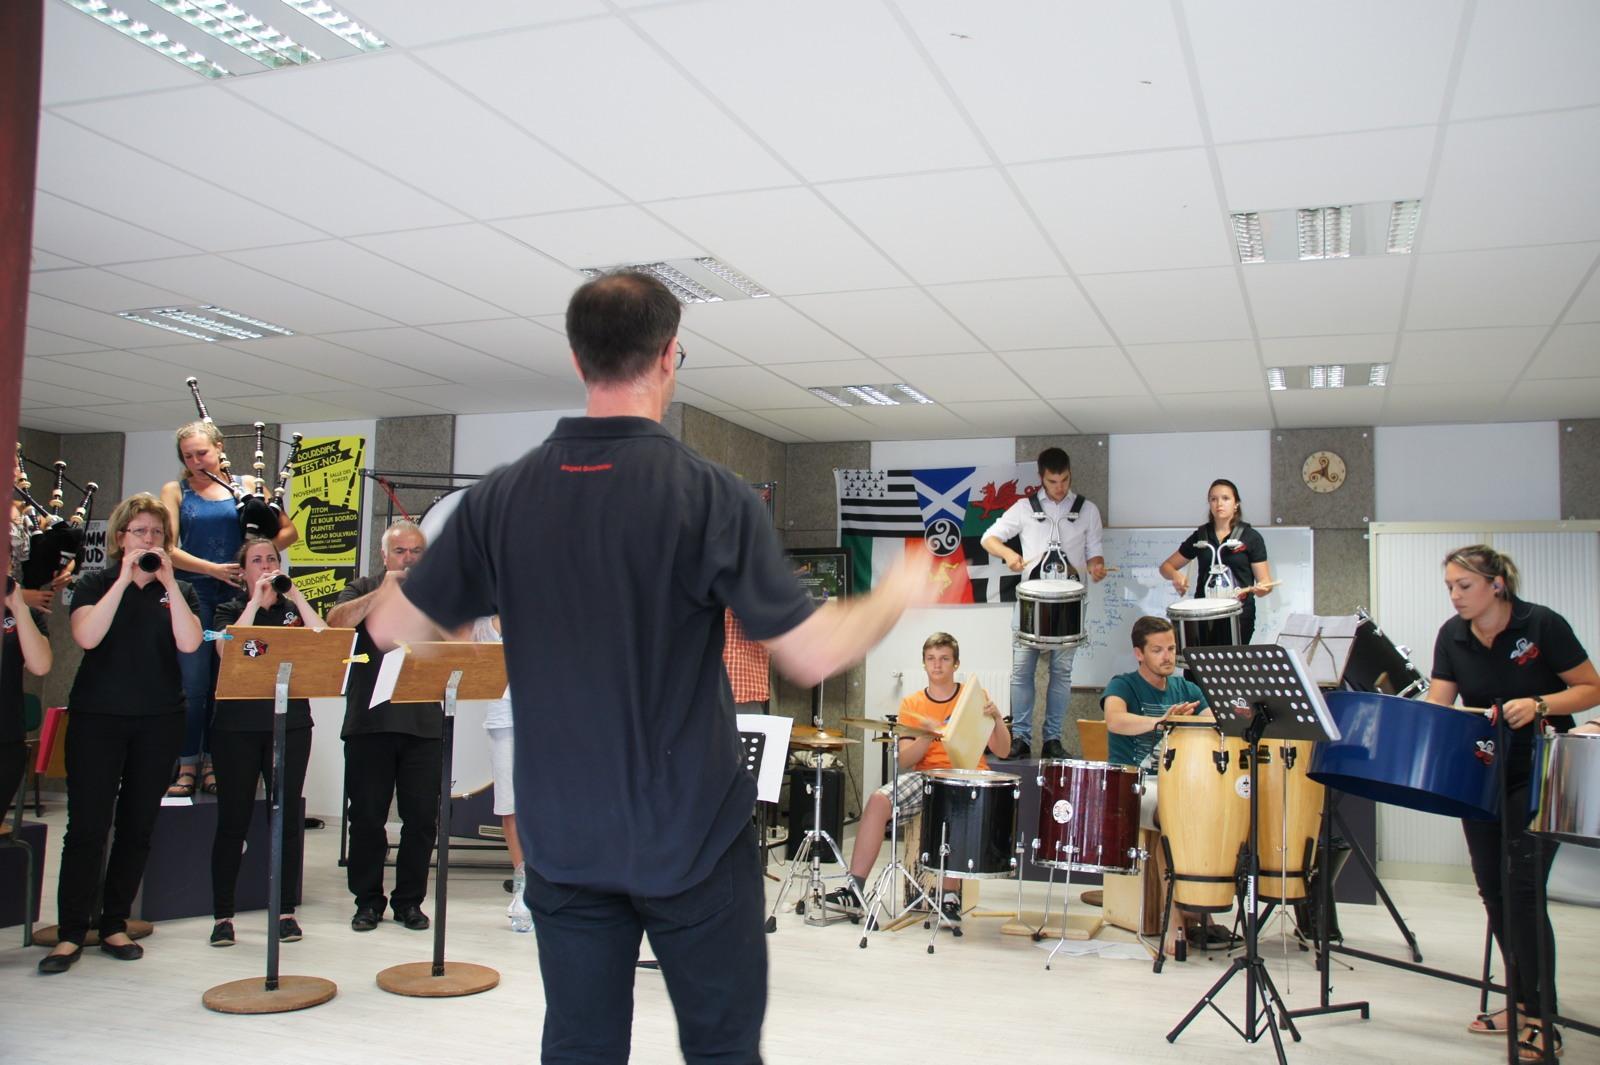 Le bagad Boulvriag au pardon de Wourc'h 2019 – Répétition du bagad avant le fest-noz